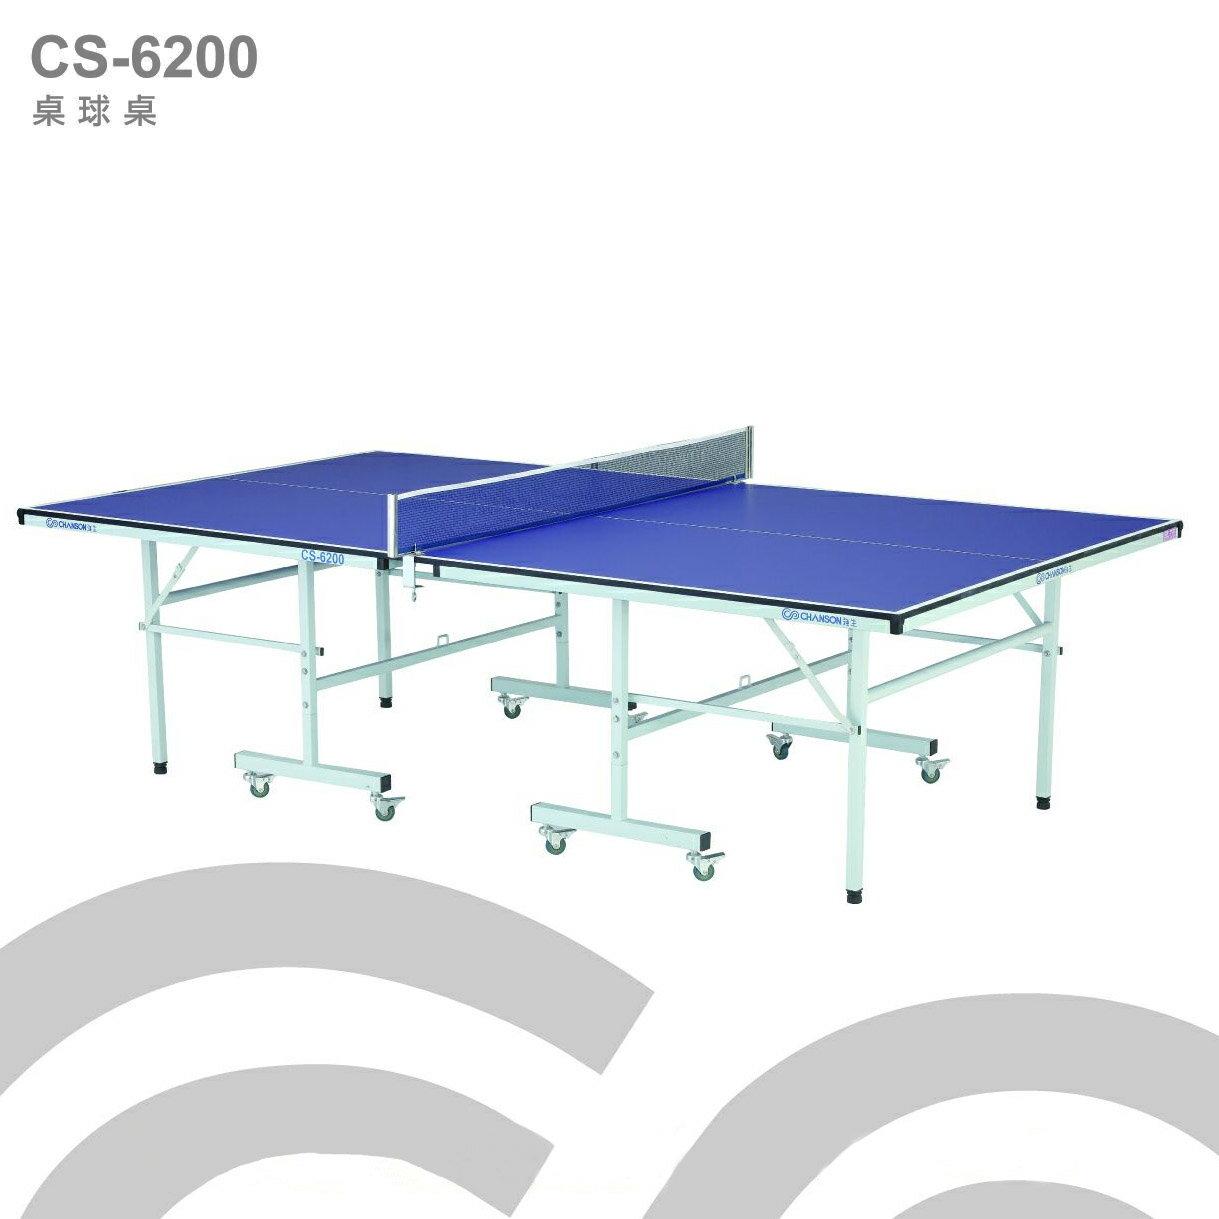 【1313健康館】Chanson強生牌 CS-6200桌球桌/乒乓球桌/桌球檯(板厚15mm)專人到府安裝